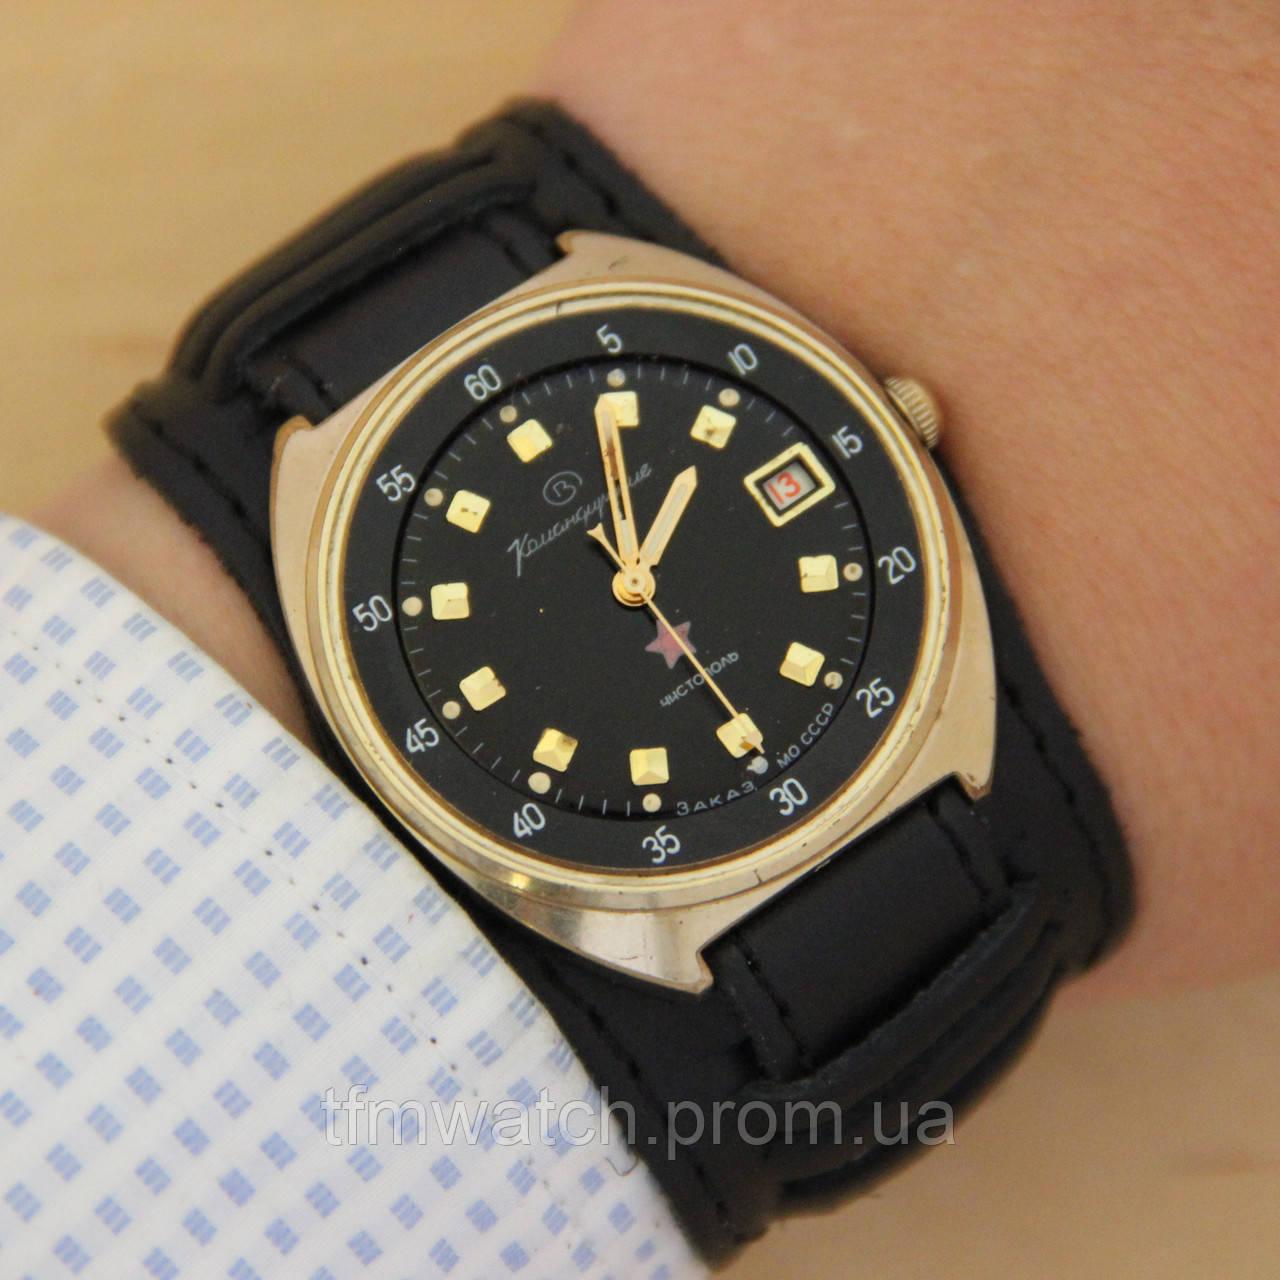 Командирские чистополь продать часы vjcrdt d часовой ломбард